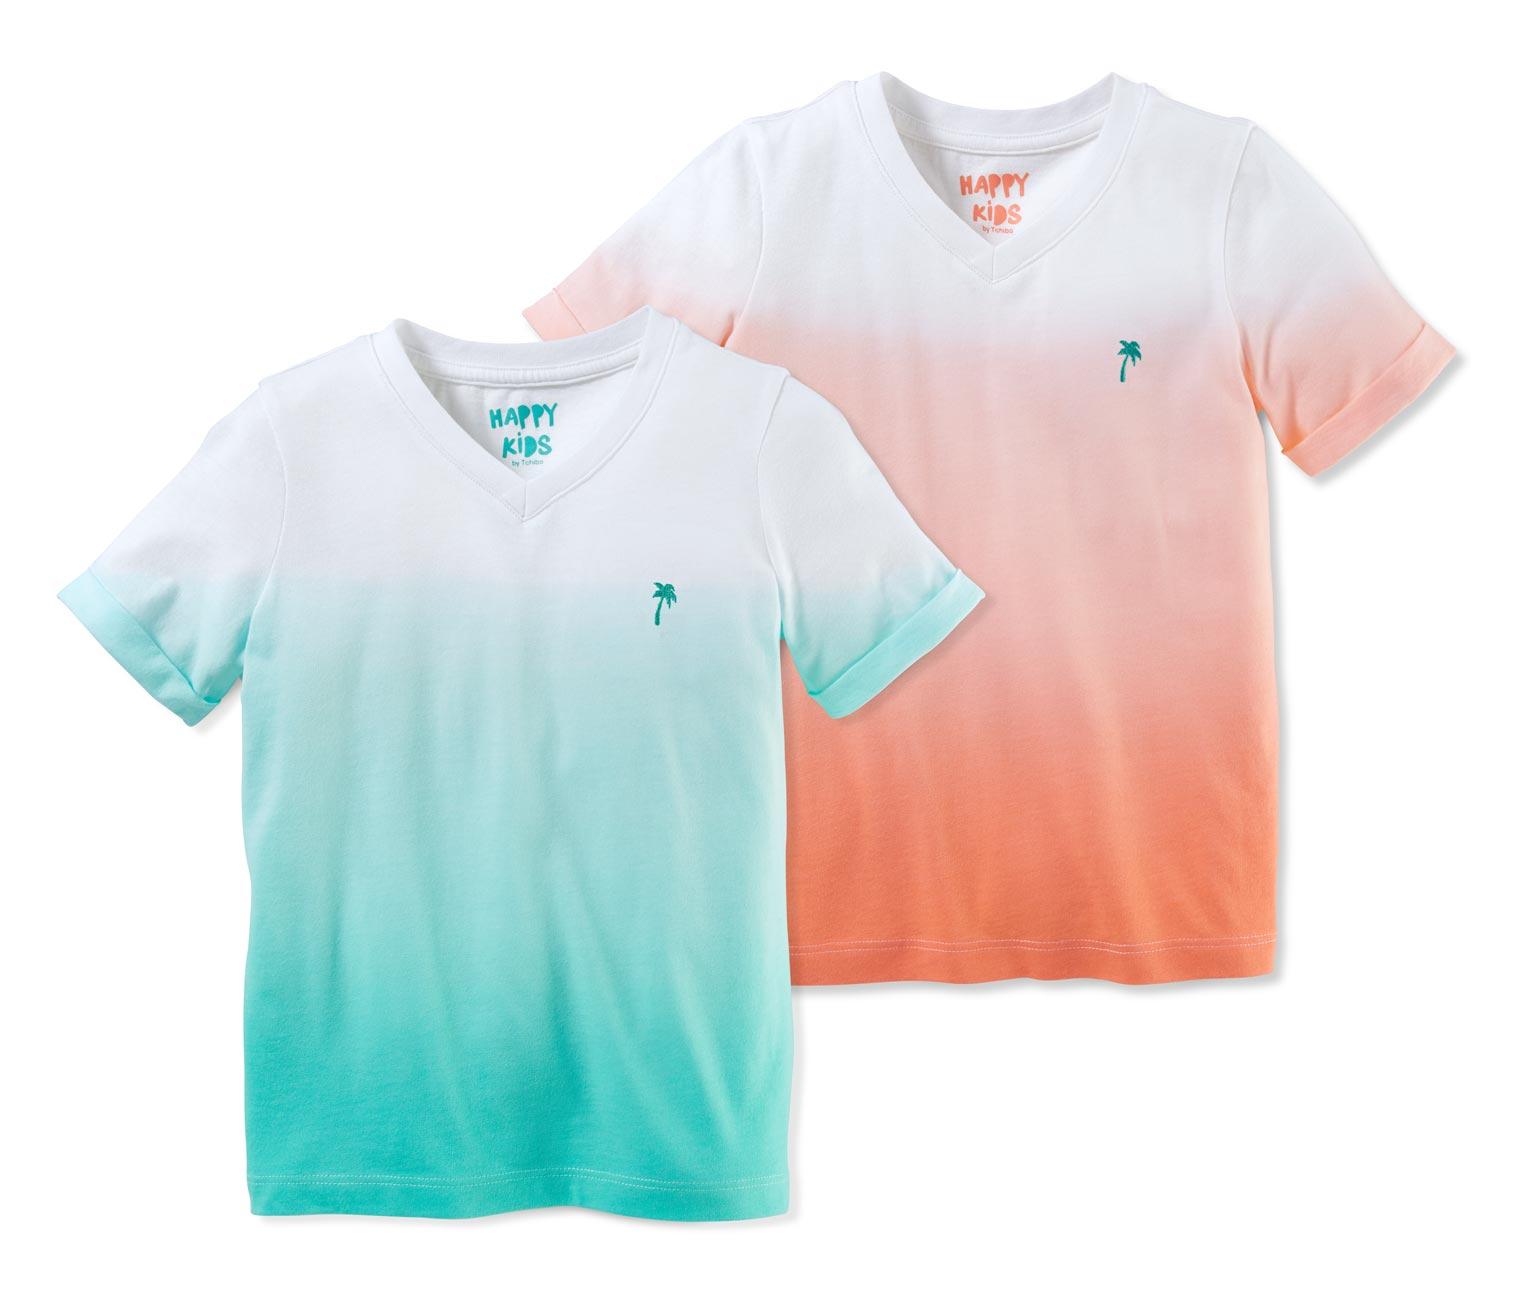 zwei T-Shirst in weiß türkis pink